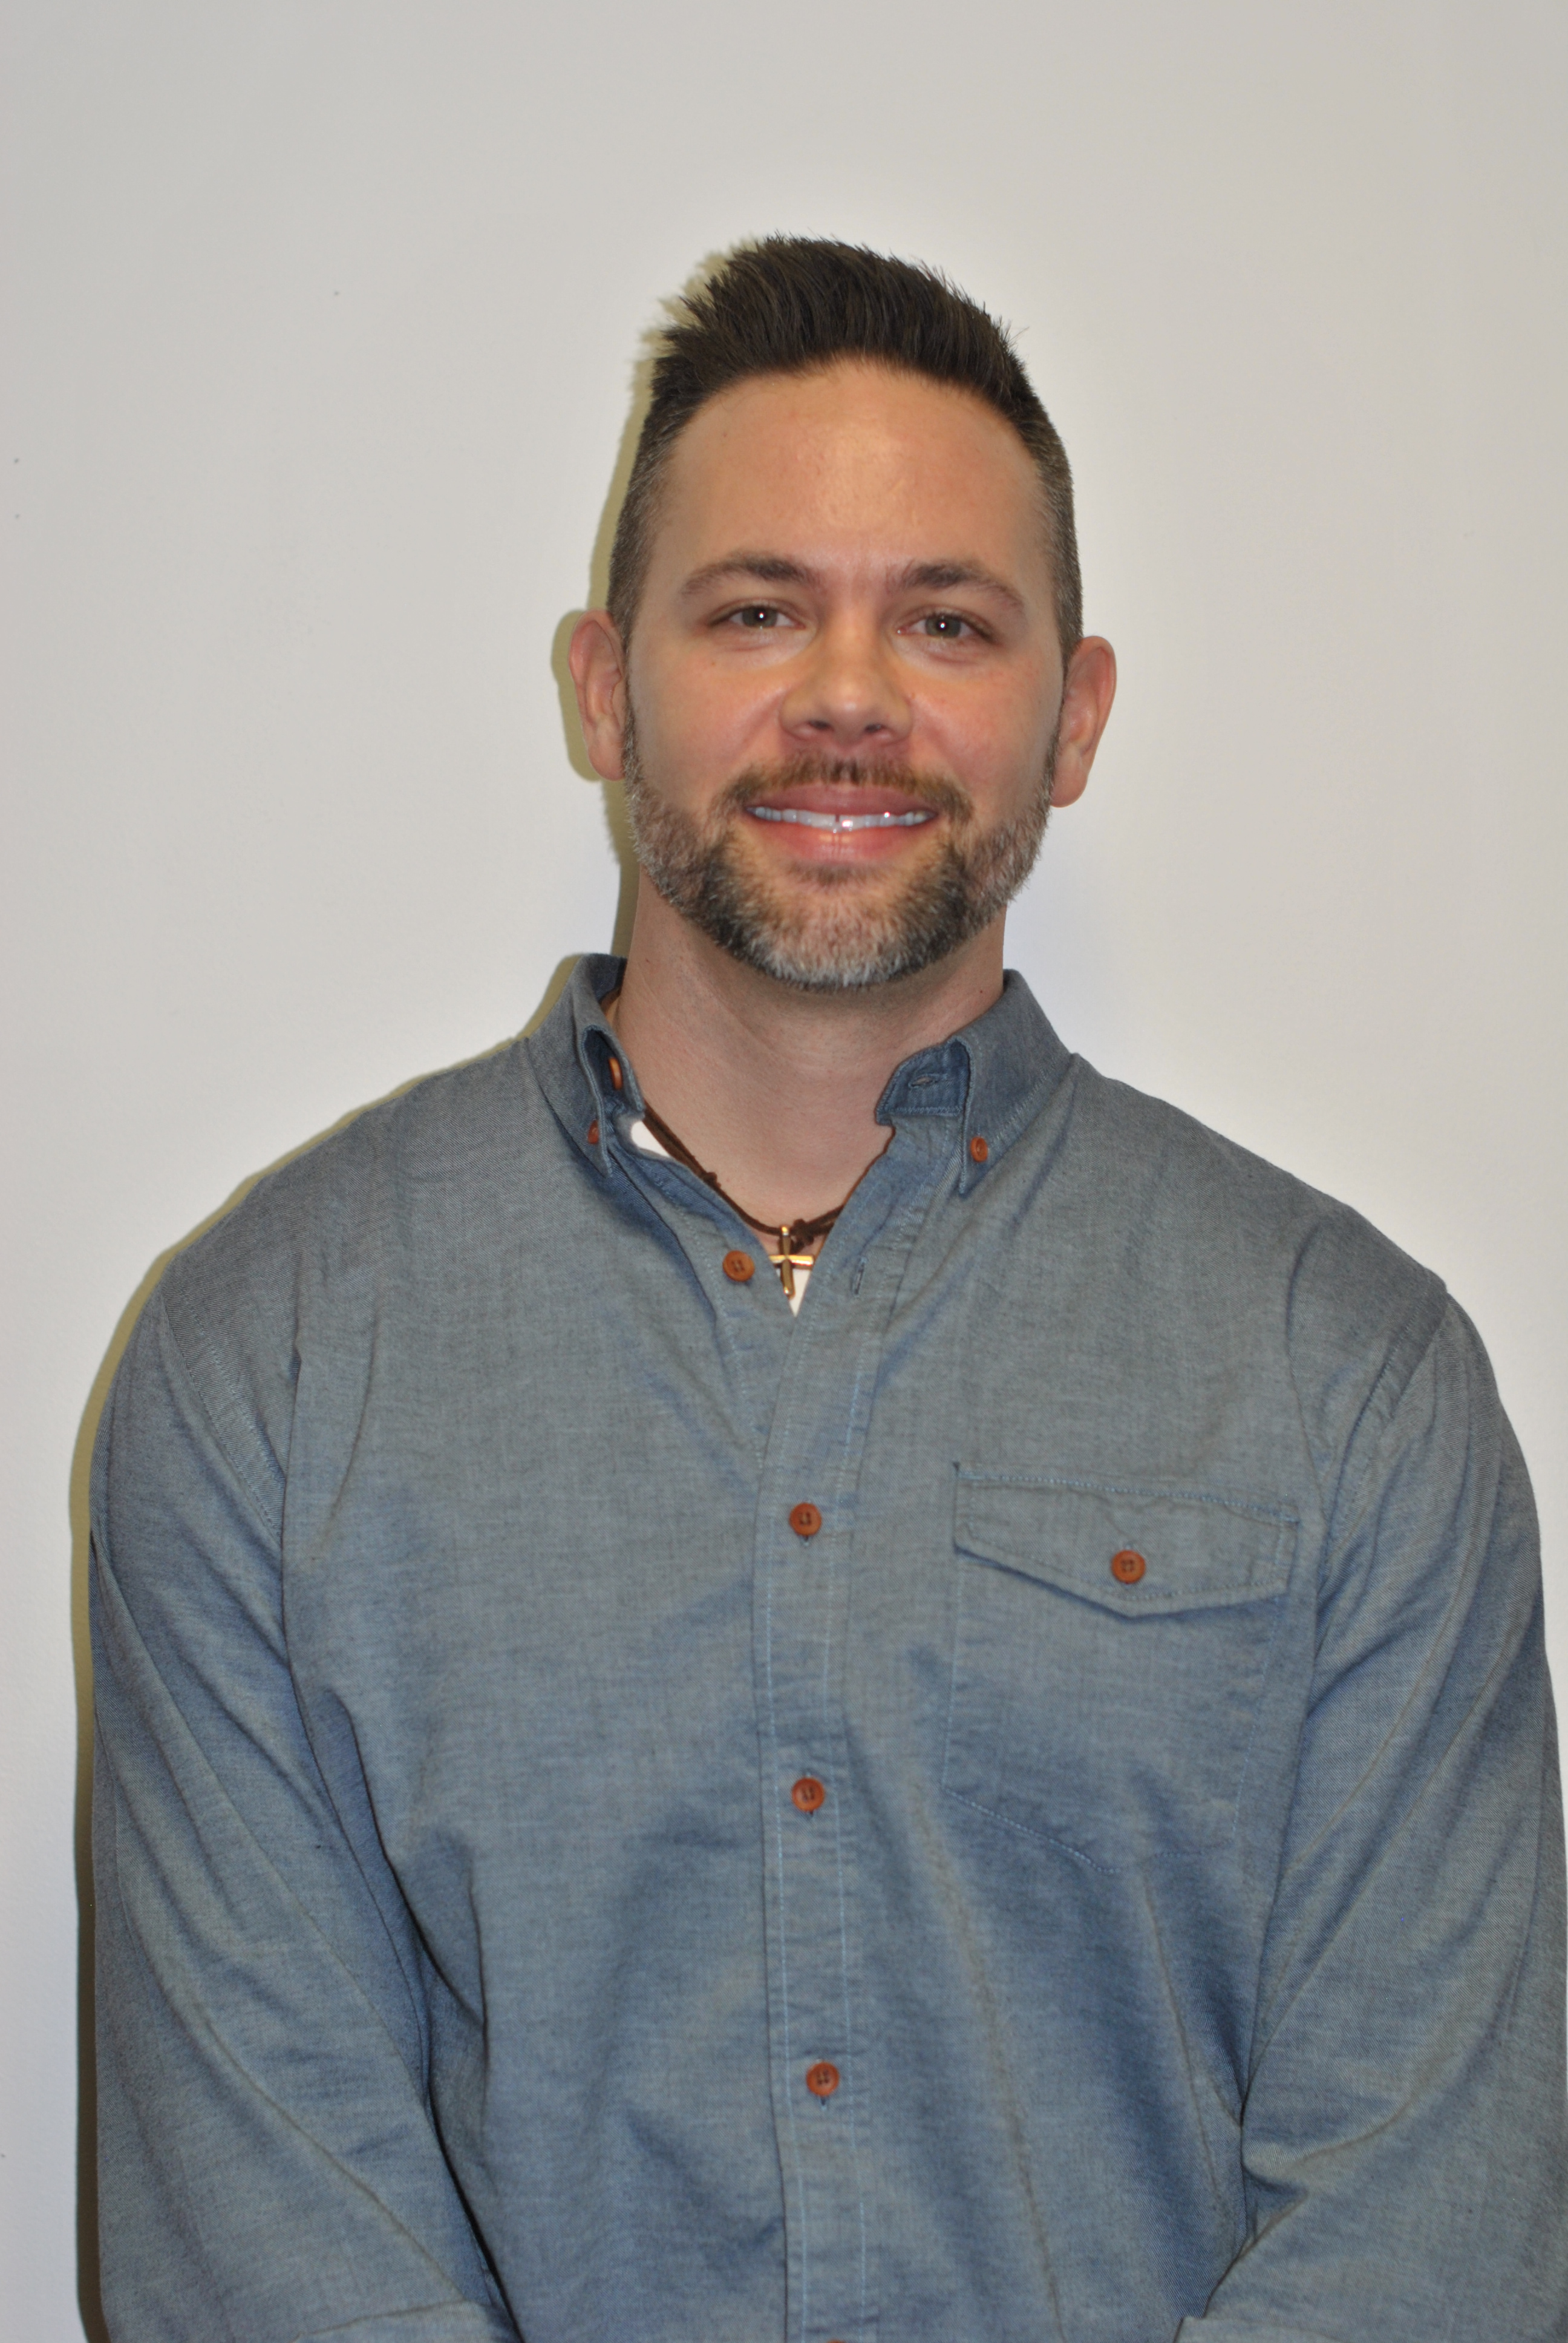 Dewayne McGhee, Youth Director